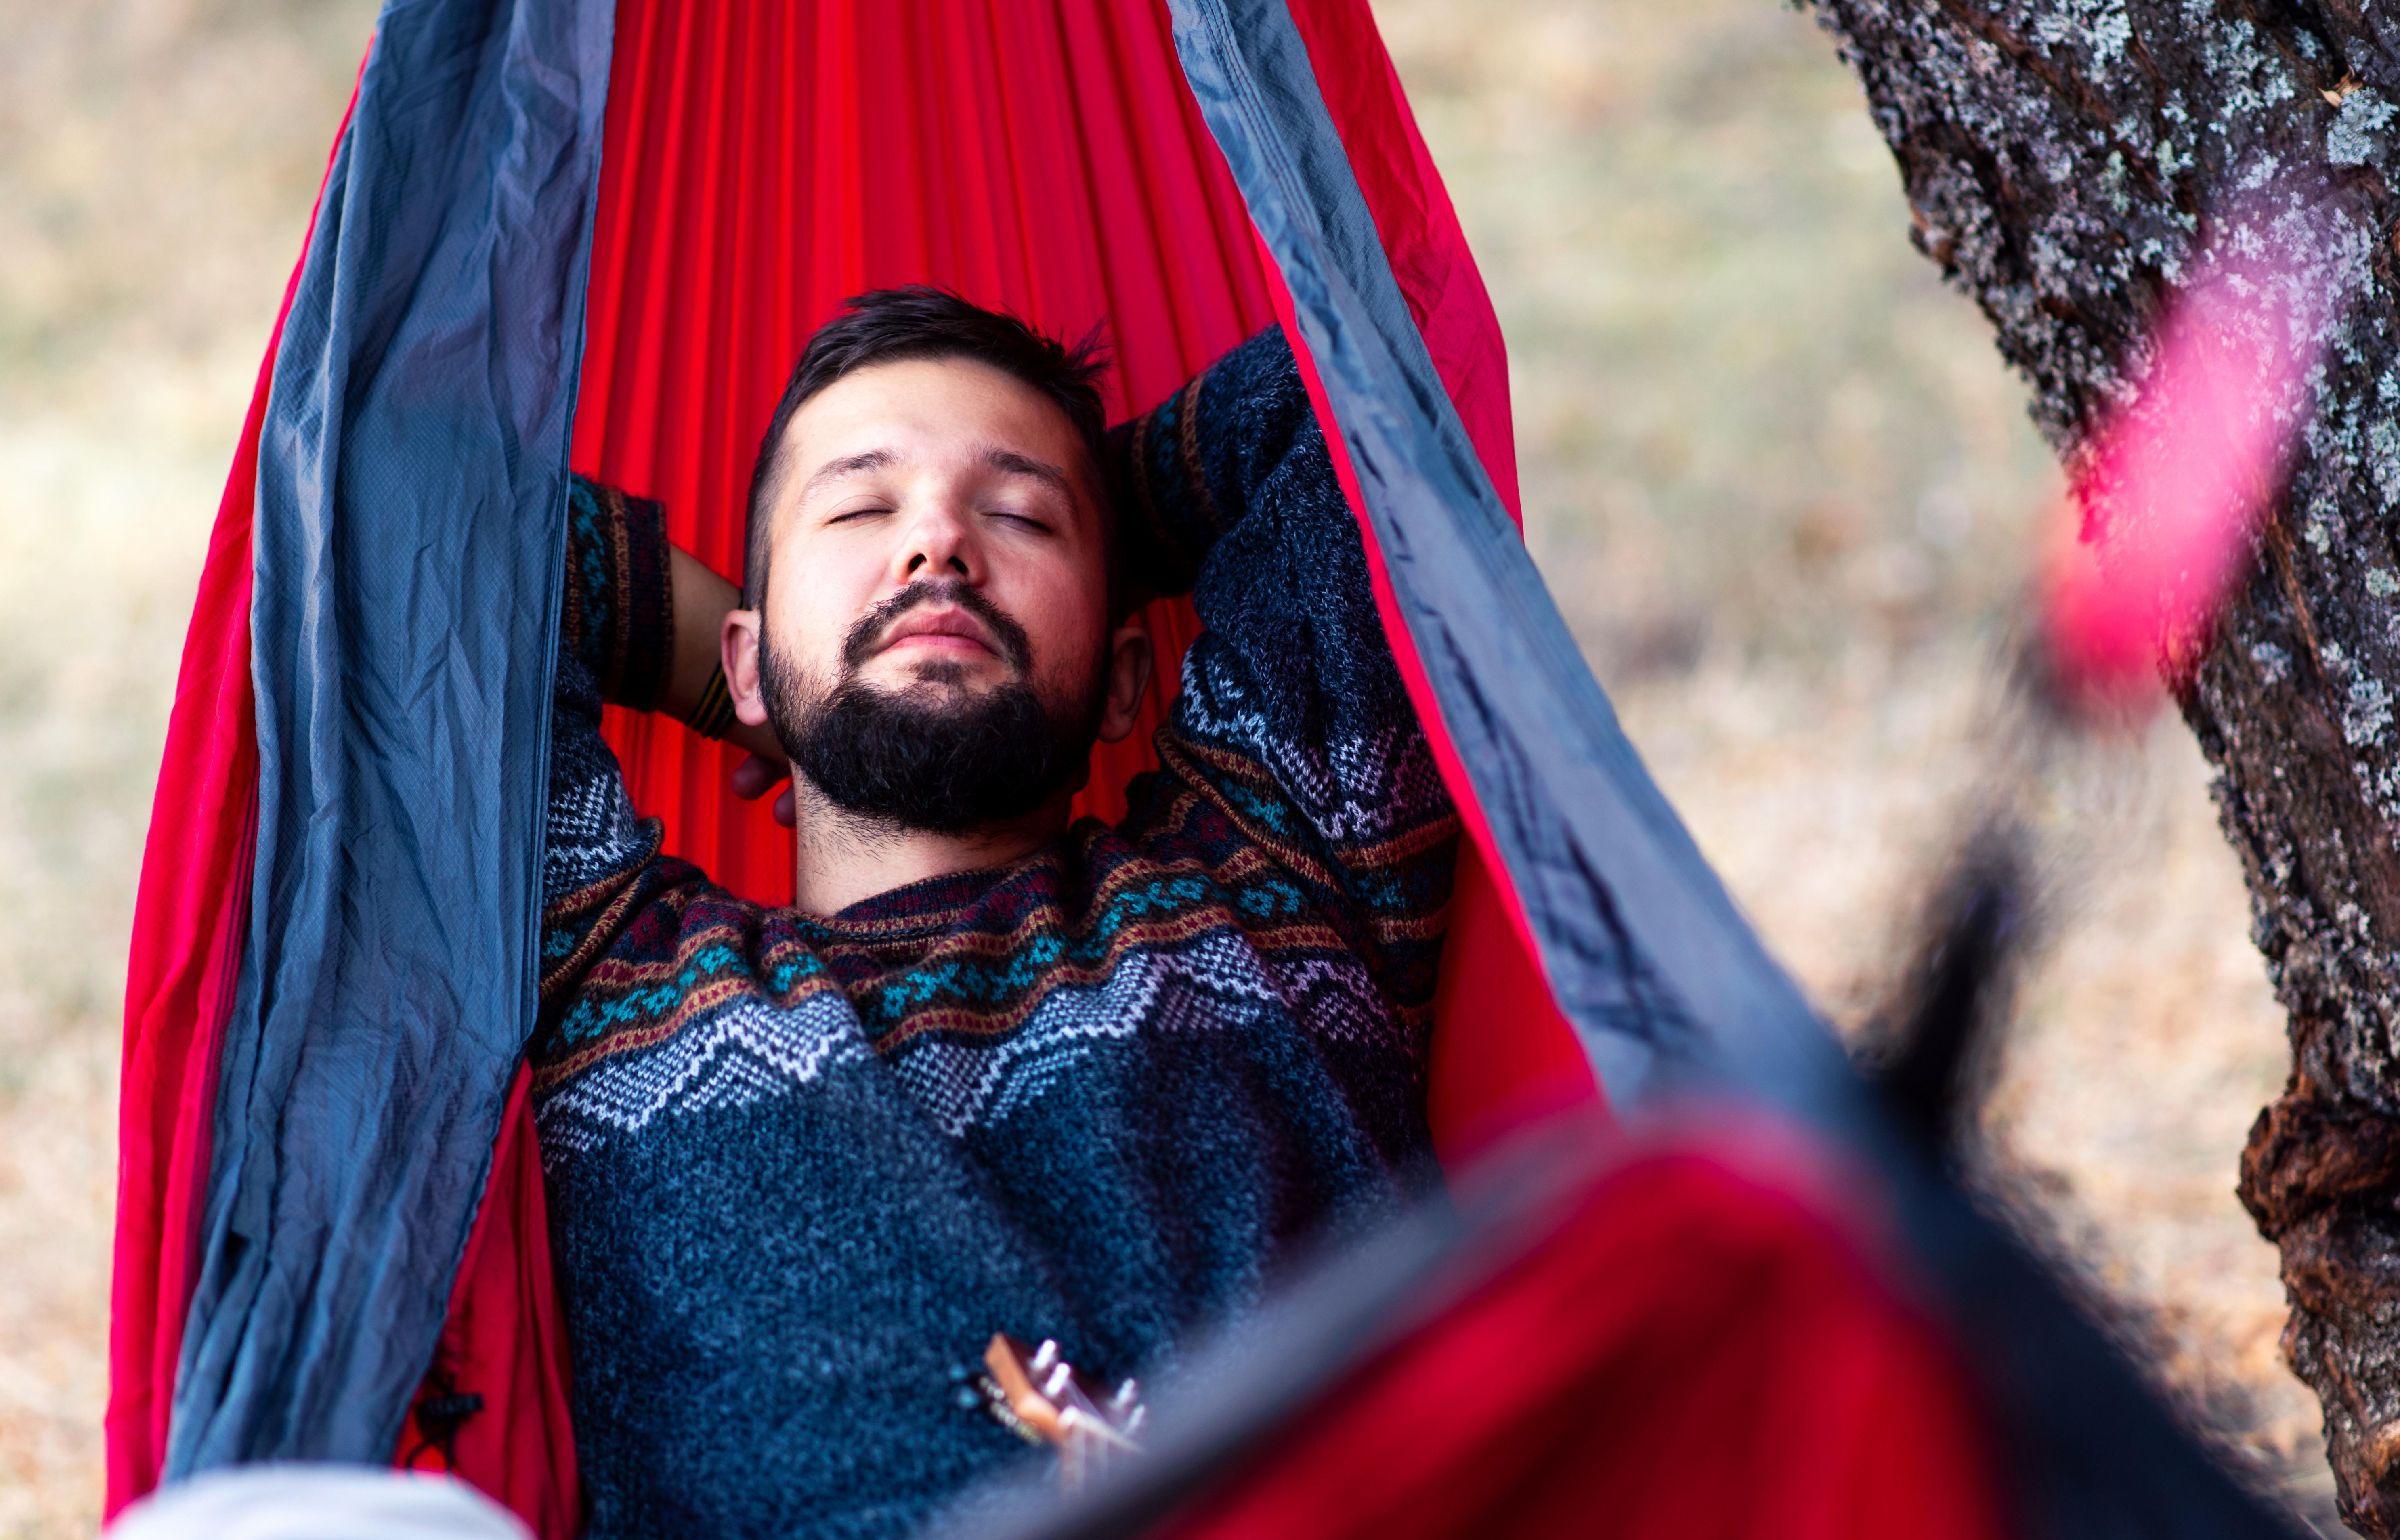 Att sova i en gungande säng ger inte bara snabbare insomning utan även djupare sömn, färre uppvaknanden och bättre minne.